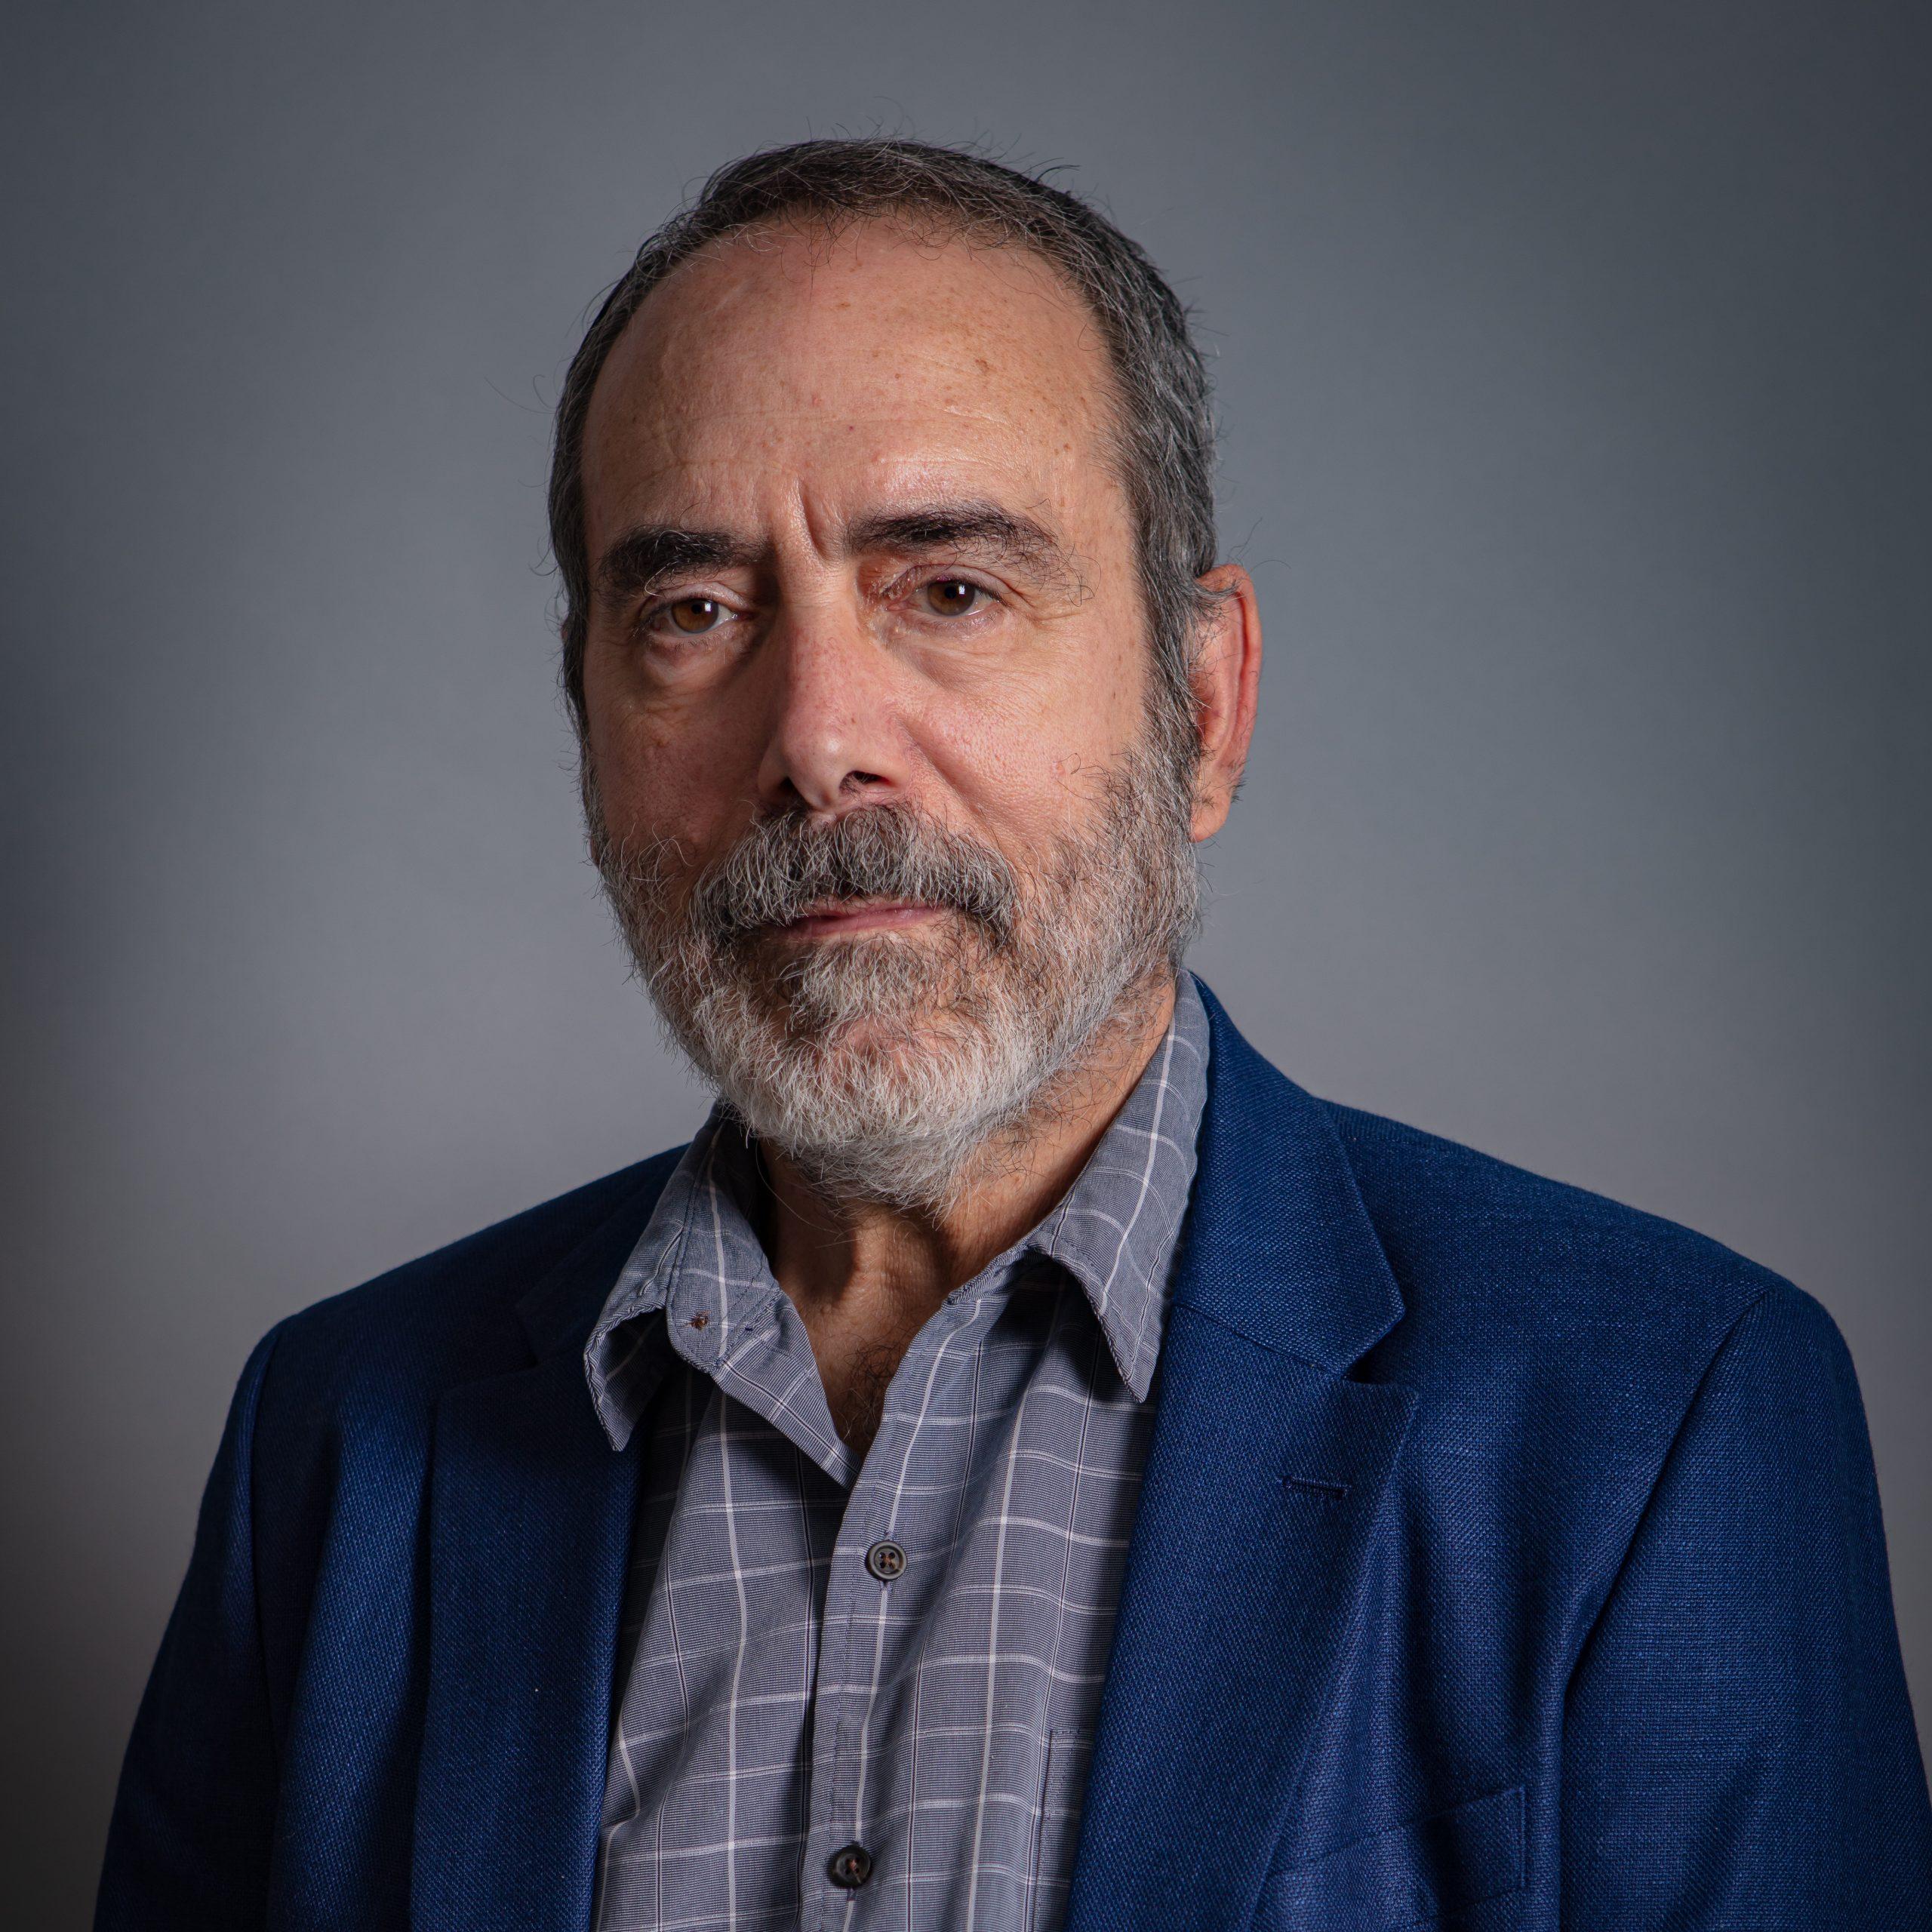 Joseph Crivello